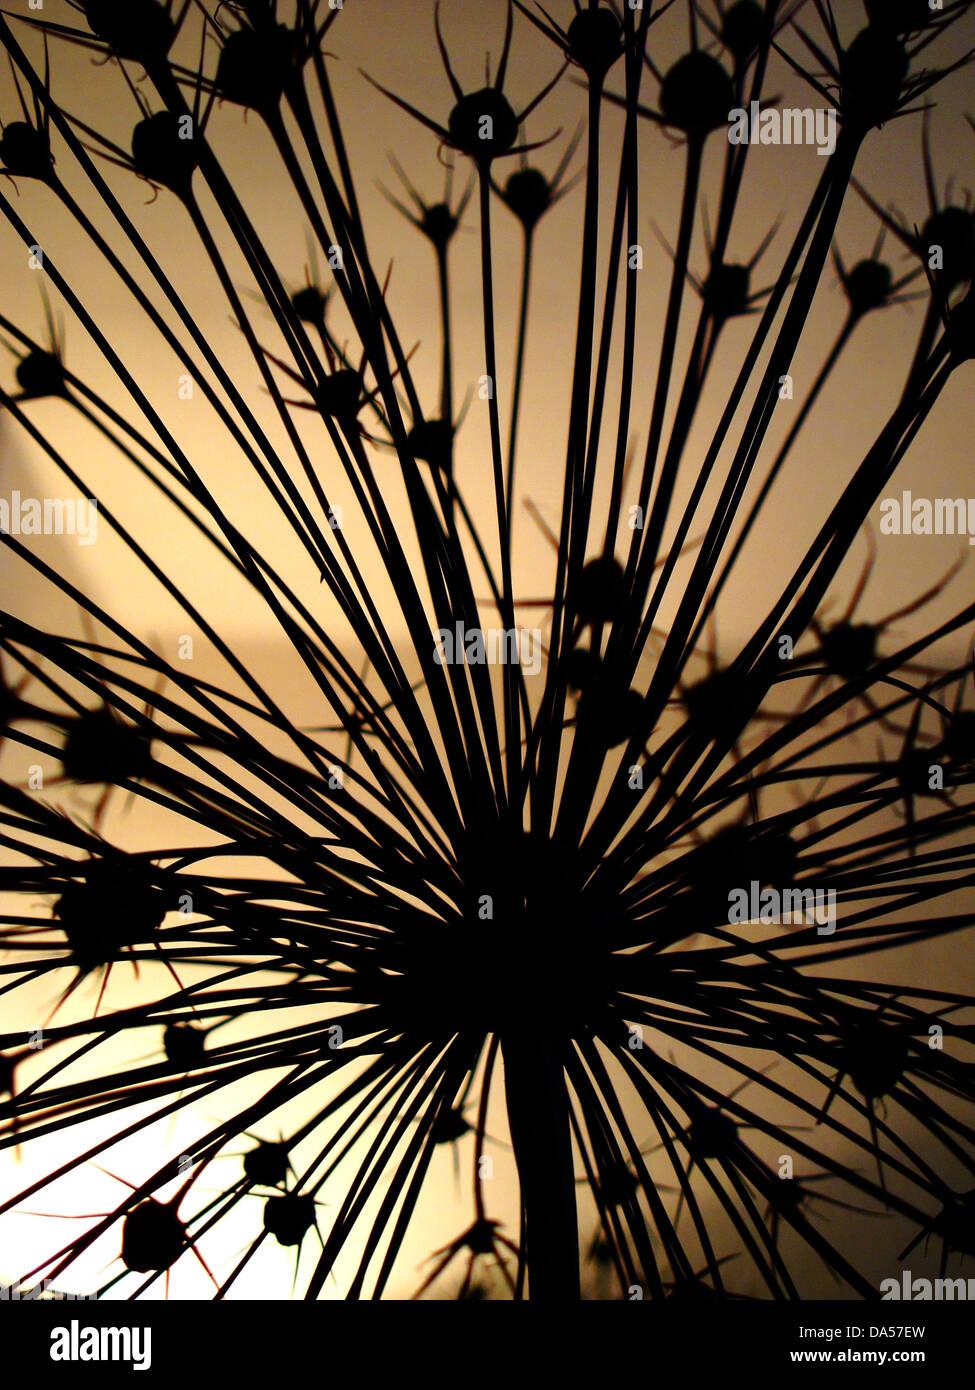 Blume, verwelkt, Allium, Konzept, Konzepte, Stern, Stern Licht Stockbild